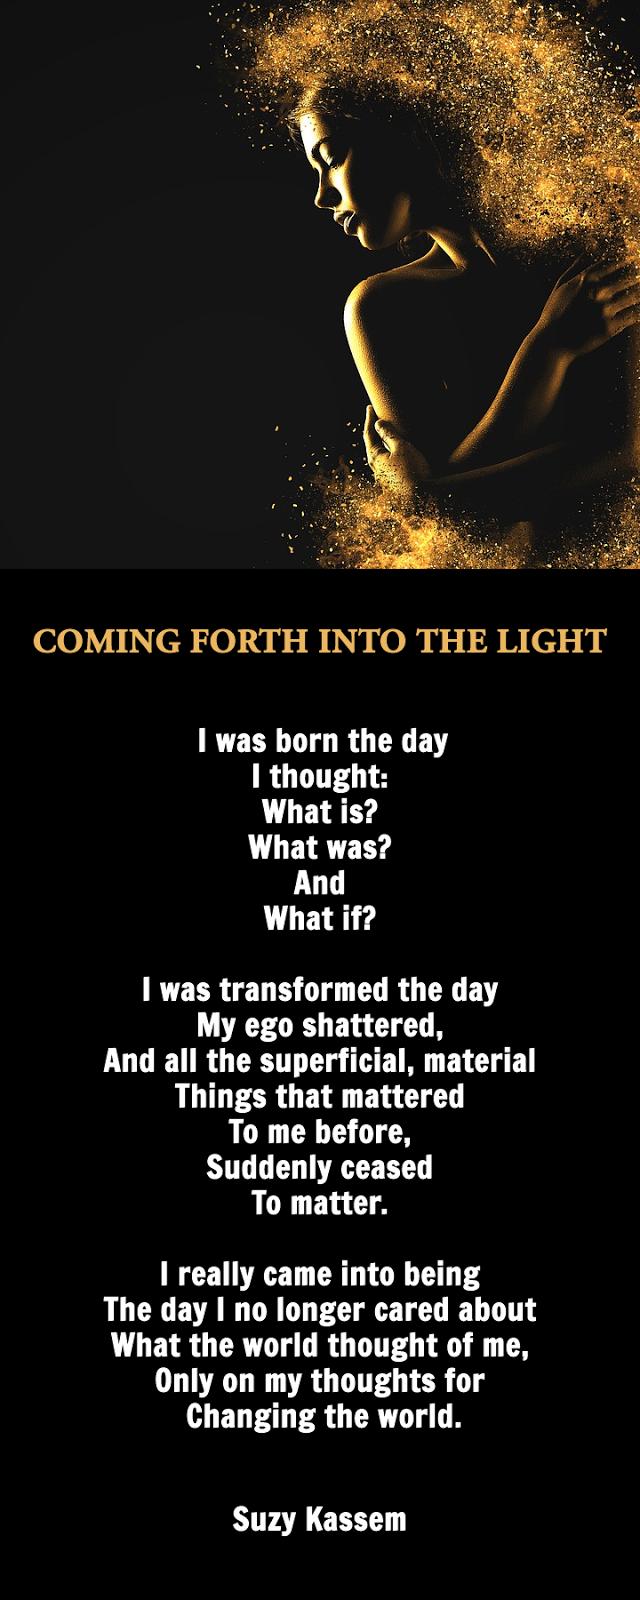 Awakening poem life